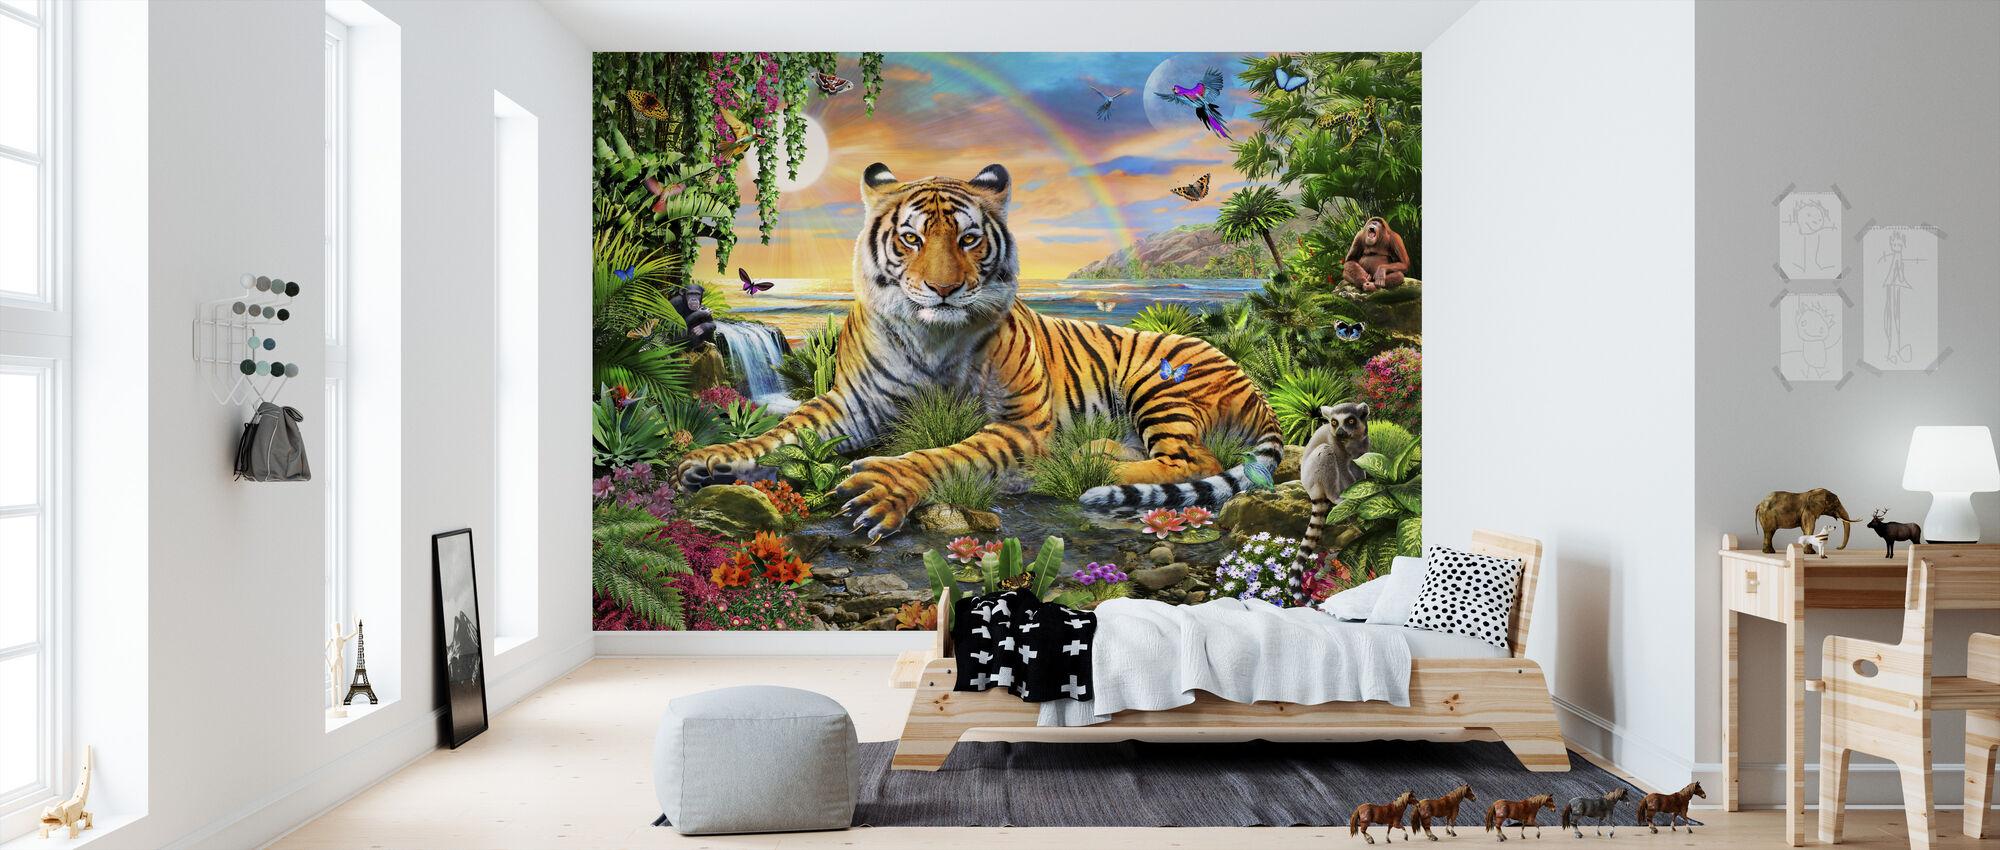 Koning van de jungle - Behang - Kinderkamer